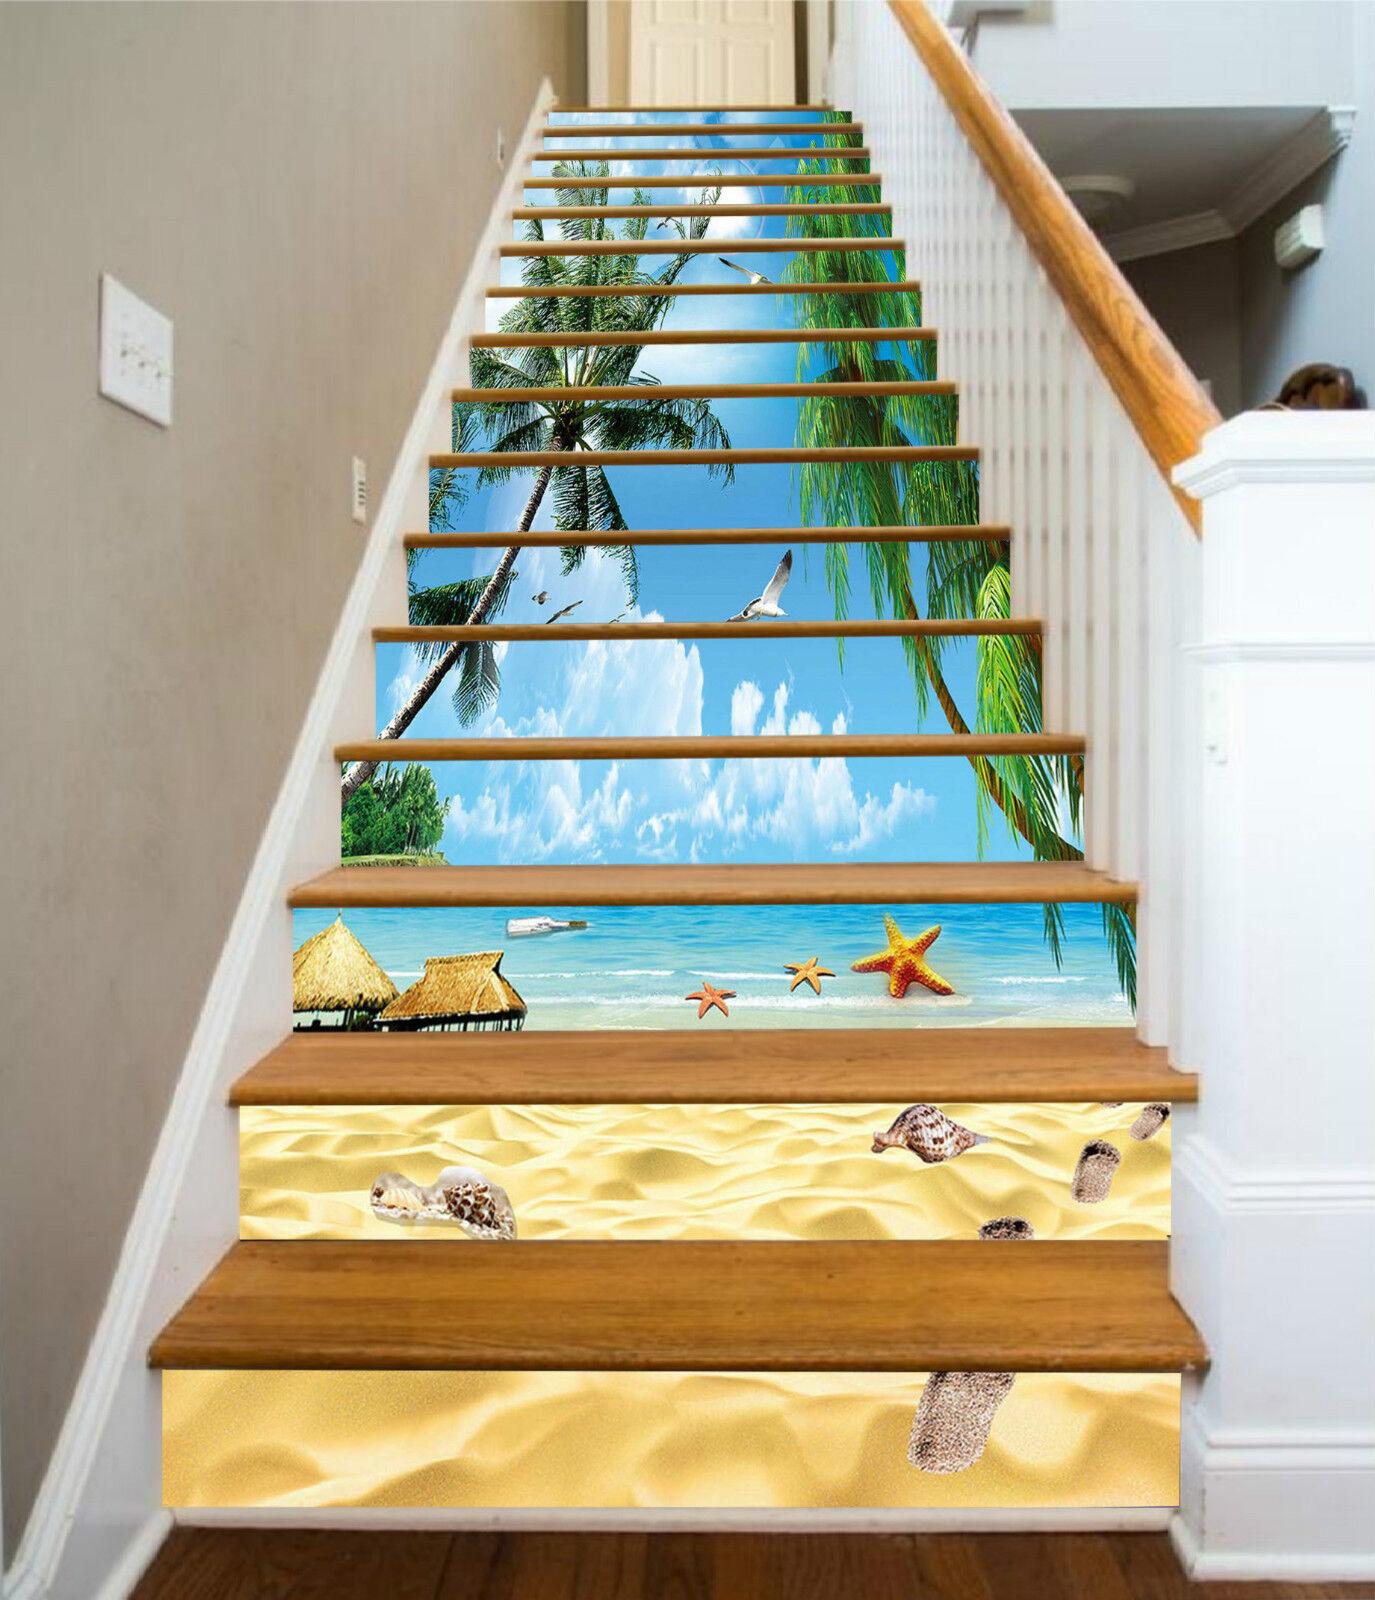 3D Schn Strand 693 Stair Risers Dekoration Fototapete Vinyl Aufkleber Tapete DE